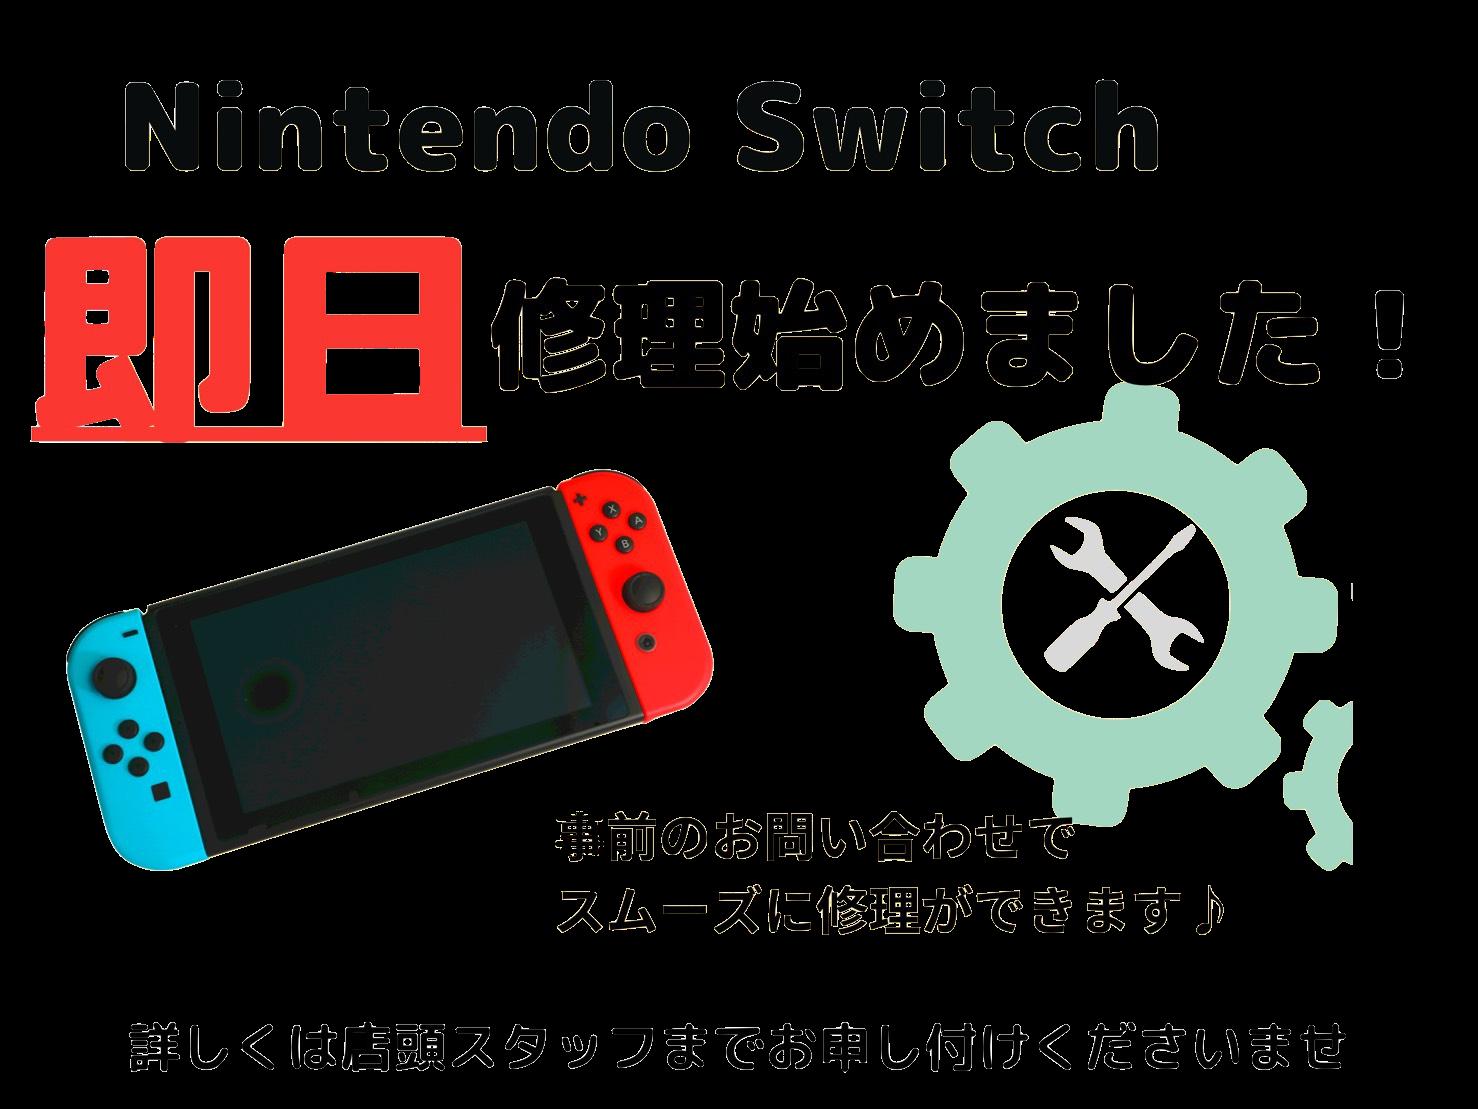 人気のNintendo Switch即日修理ができる様になりました🎮【佐賀県周辺ゲーム機修理店 Switch】